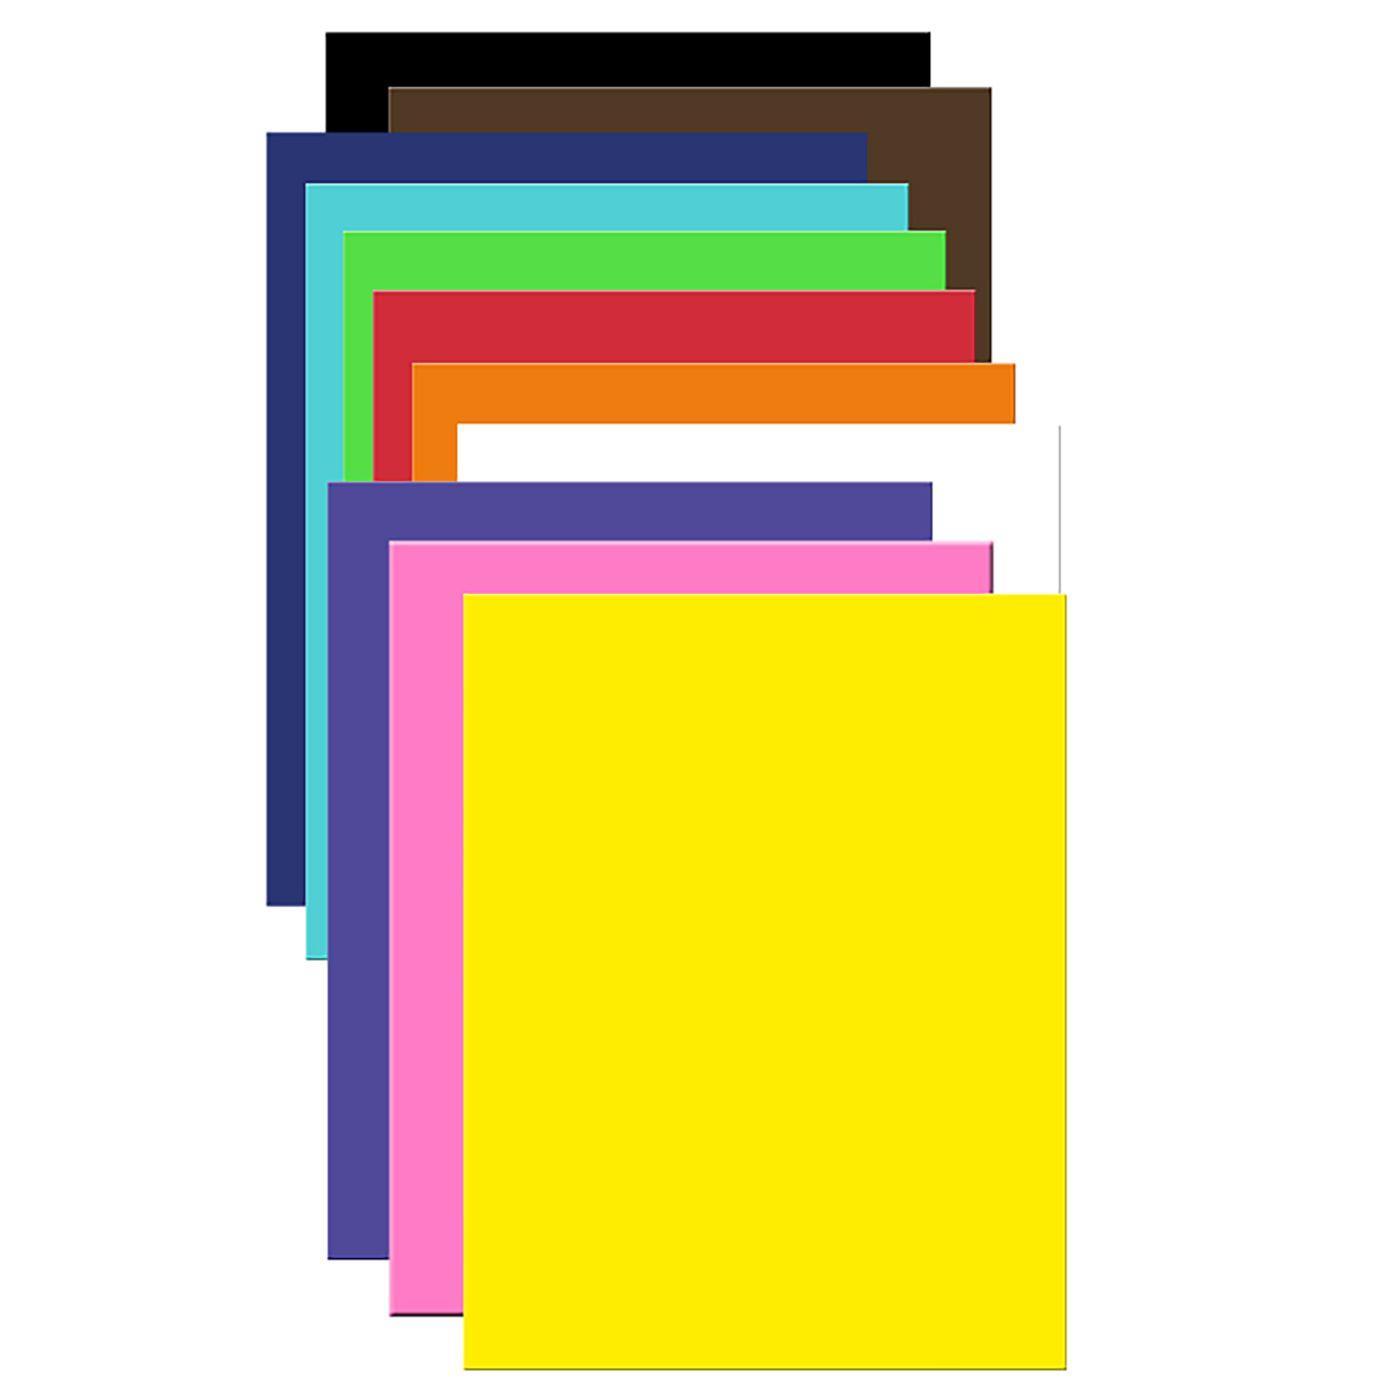 ΧΑΡΤΟΝΙΑ ΚΟΛΑΖ  ΧΡΩΜΑΤΑ όλα τα χρώματα=50x70cm (μονο το μπλέ,λευκο=57x79cm)